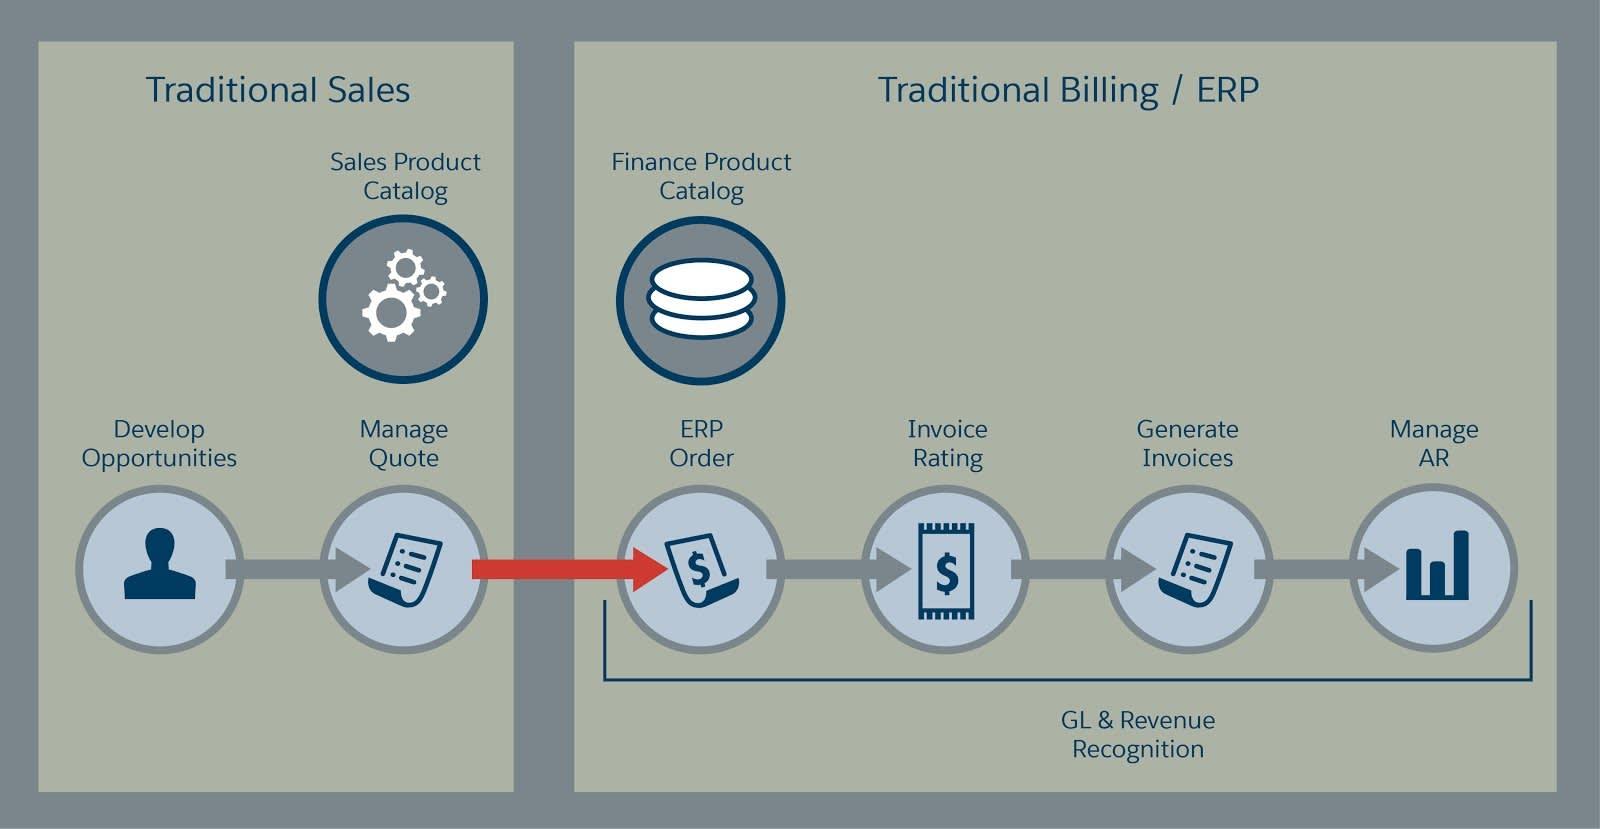 従来の見積および請求プロセスはサイロ化された状態で管理されています。営業と財務間のデータのハンドオフは困難になりがちで、再処理が必要になります。